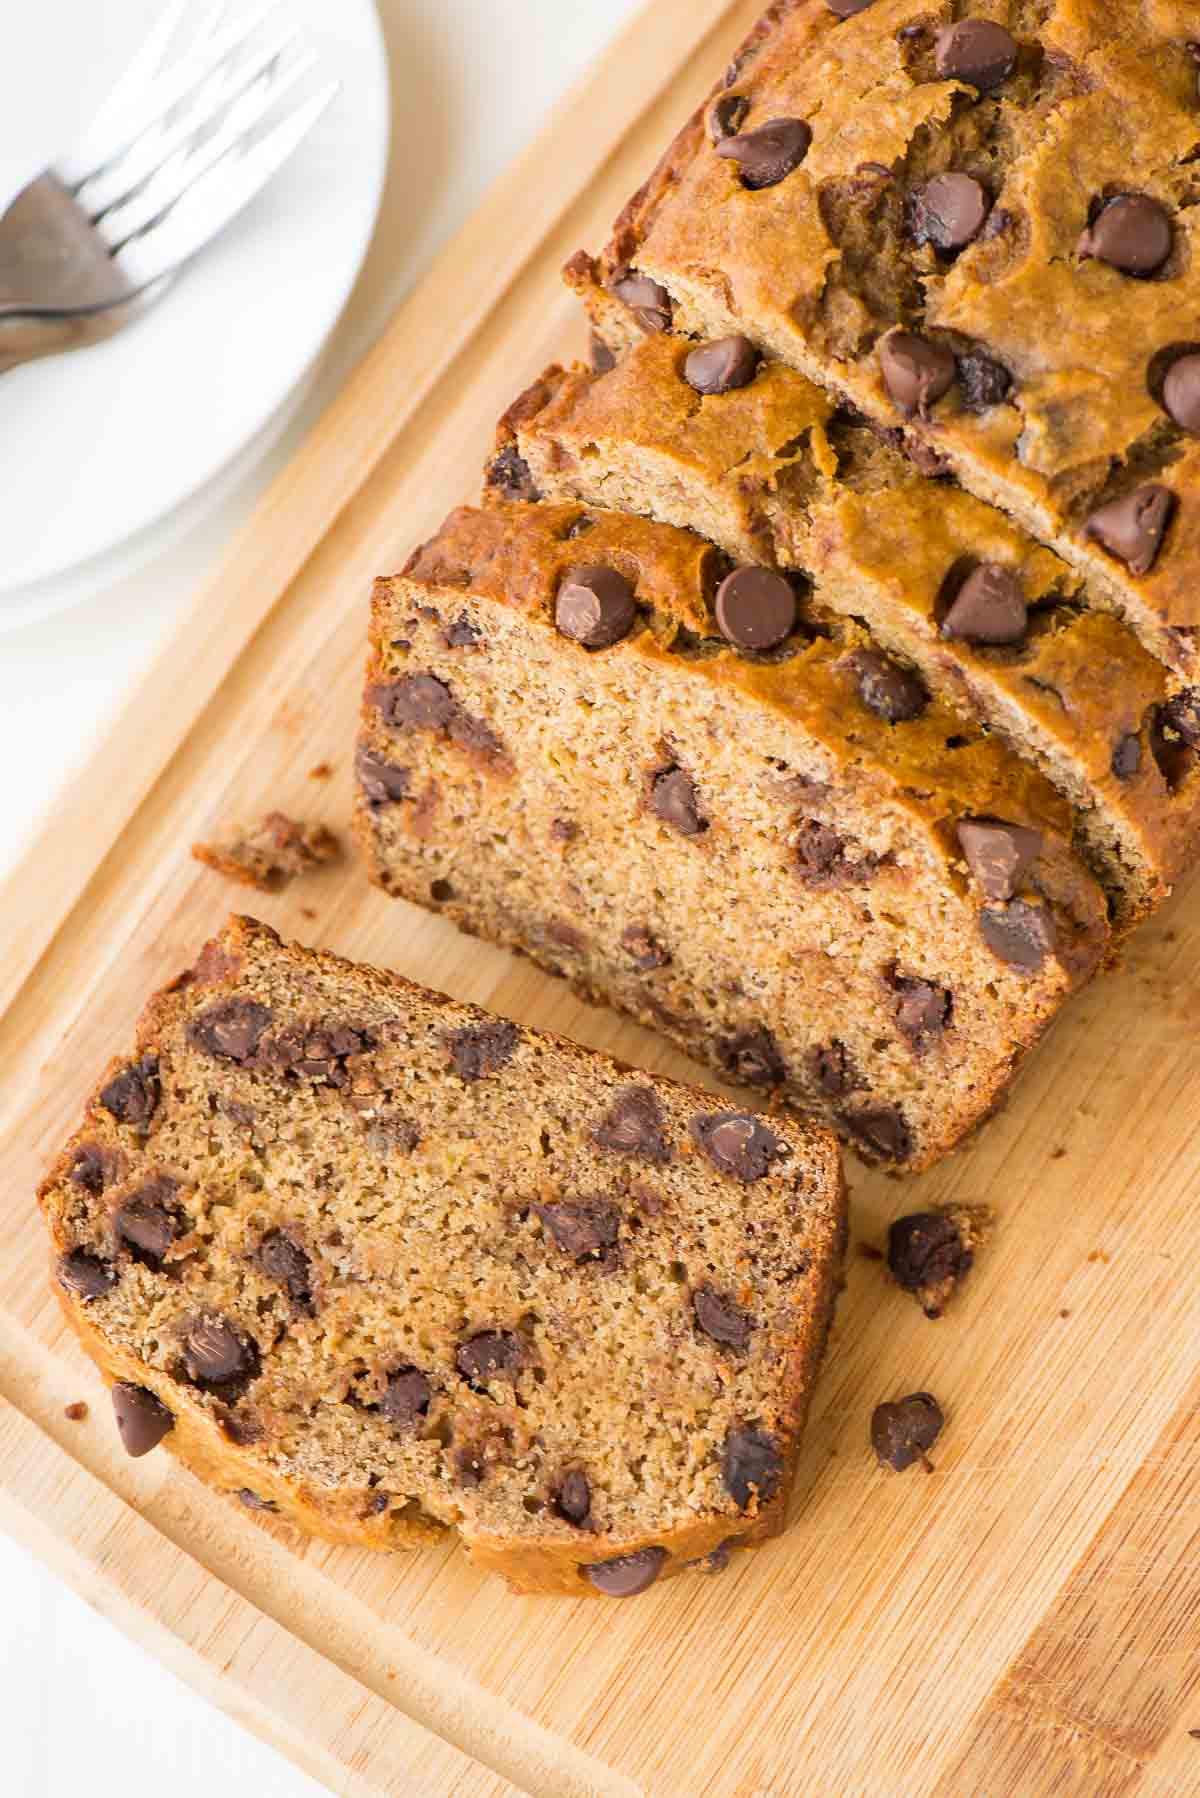 Banana Bread Recipes  Healthy Banana Bread Recipe with Chocolate Chips